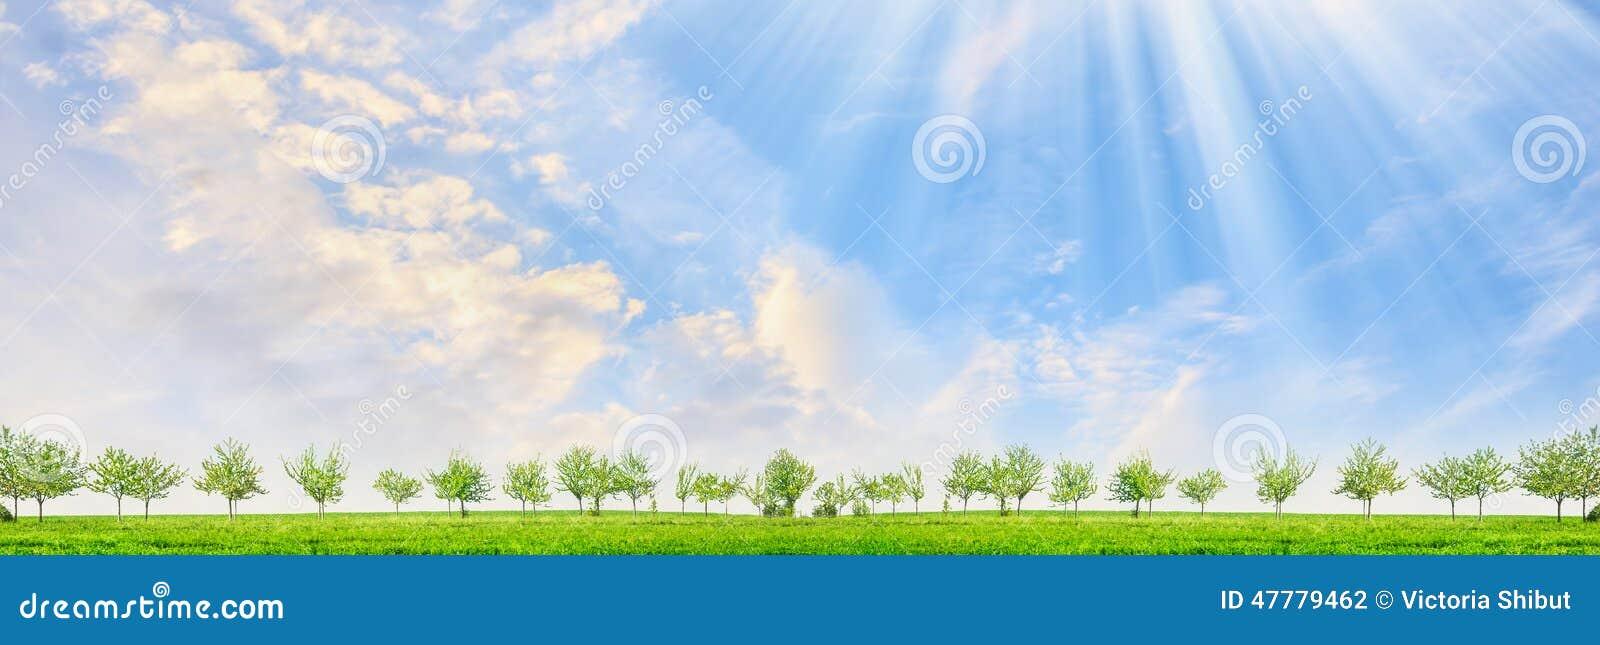 与年轻树和太阳的春天风景在蓝天背景发出光线